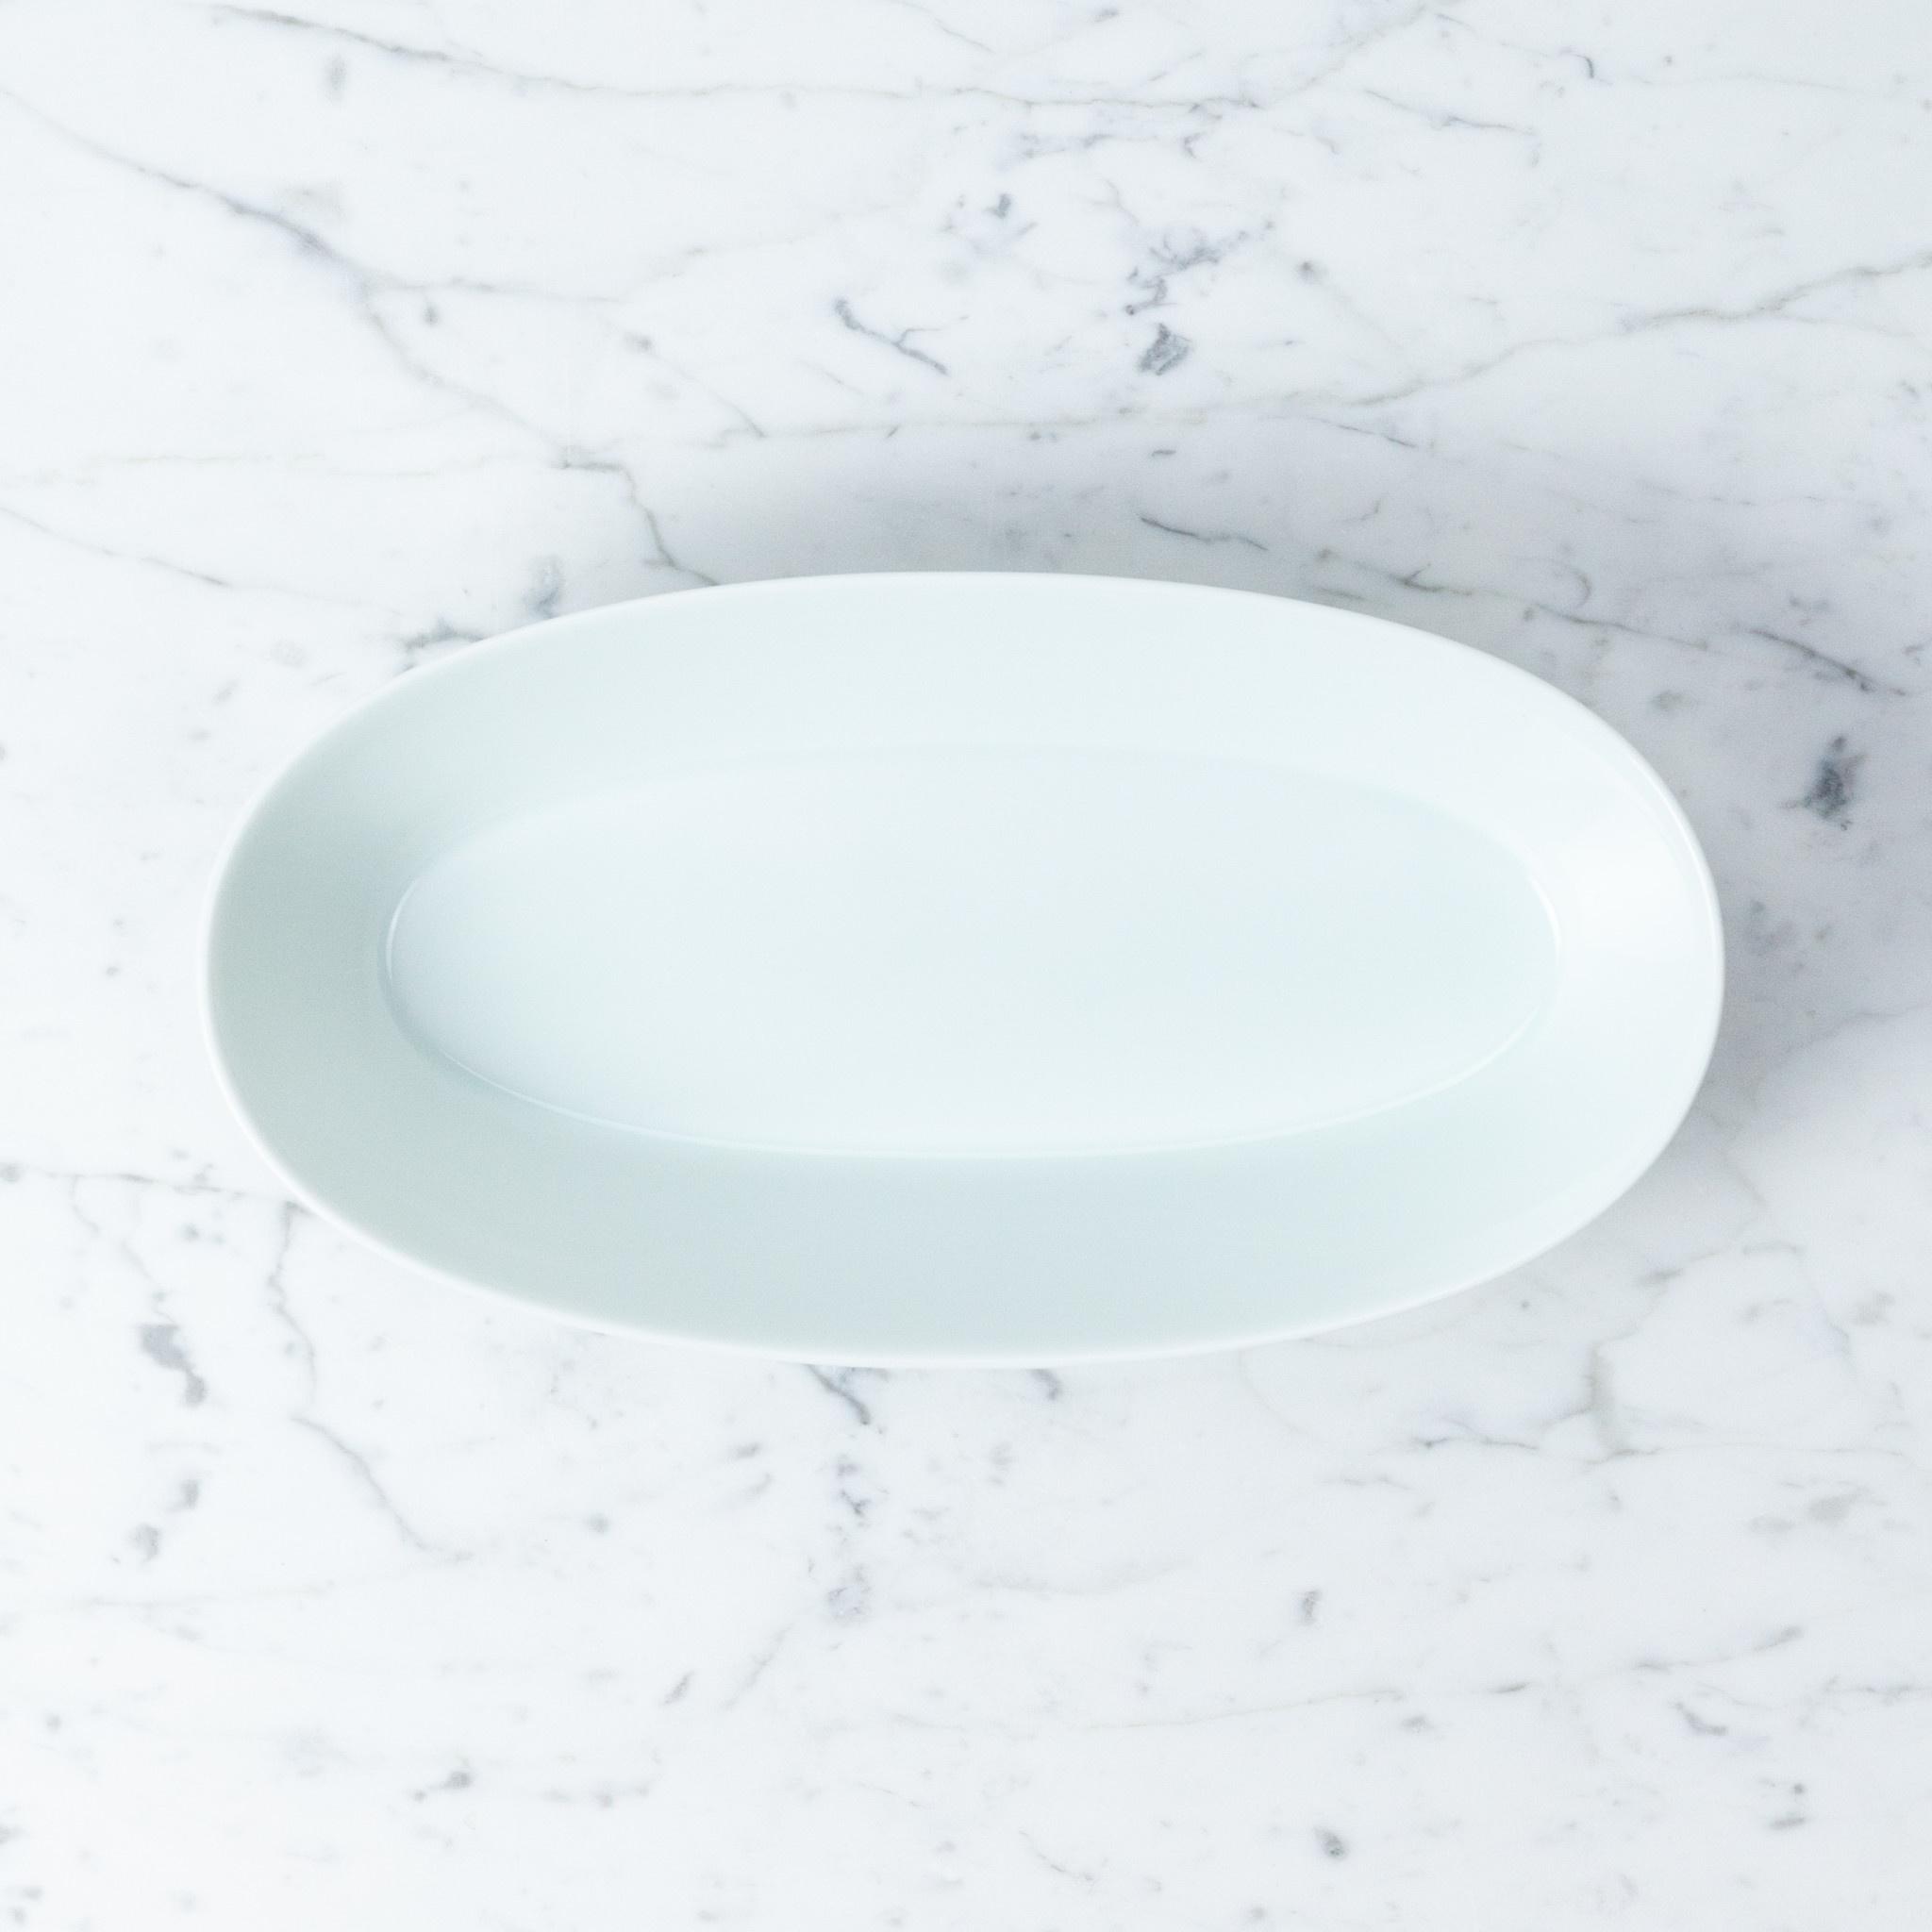 MIZU MIZU PREORDER mizu-mizu Oval Porcelain Bowl - Bluish White - 11''